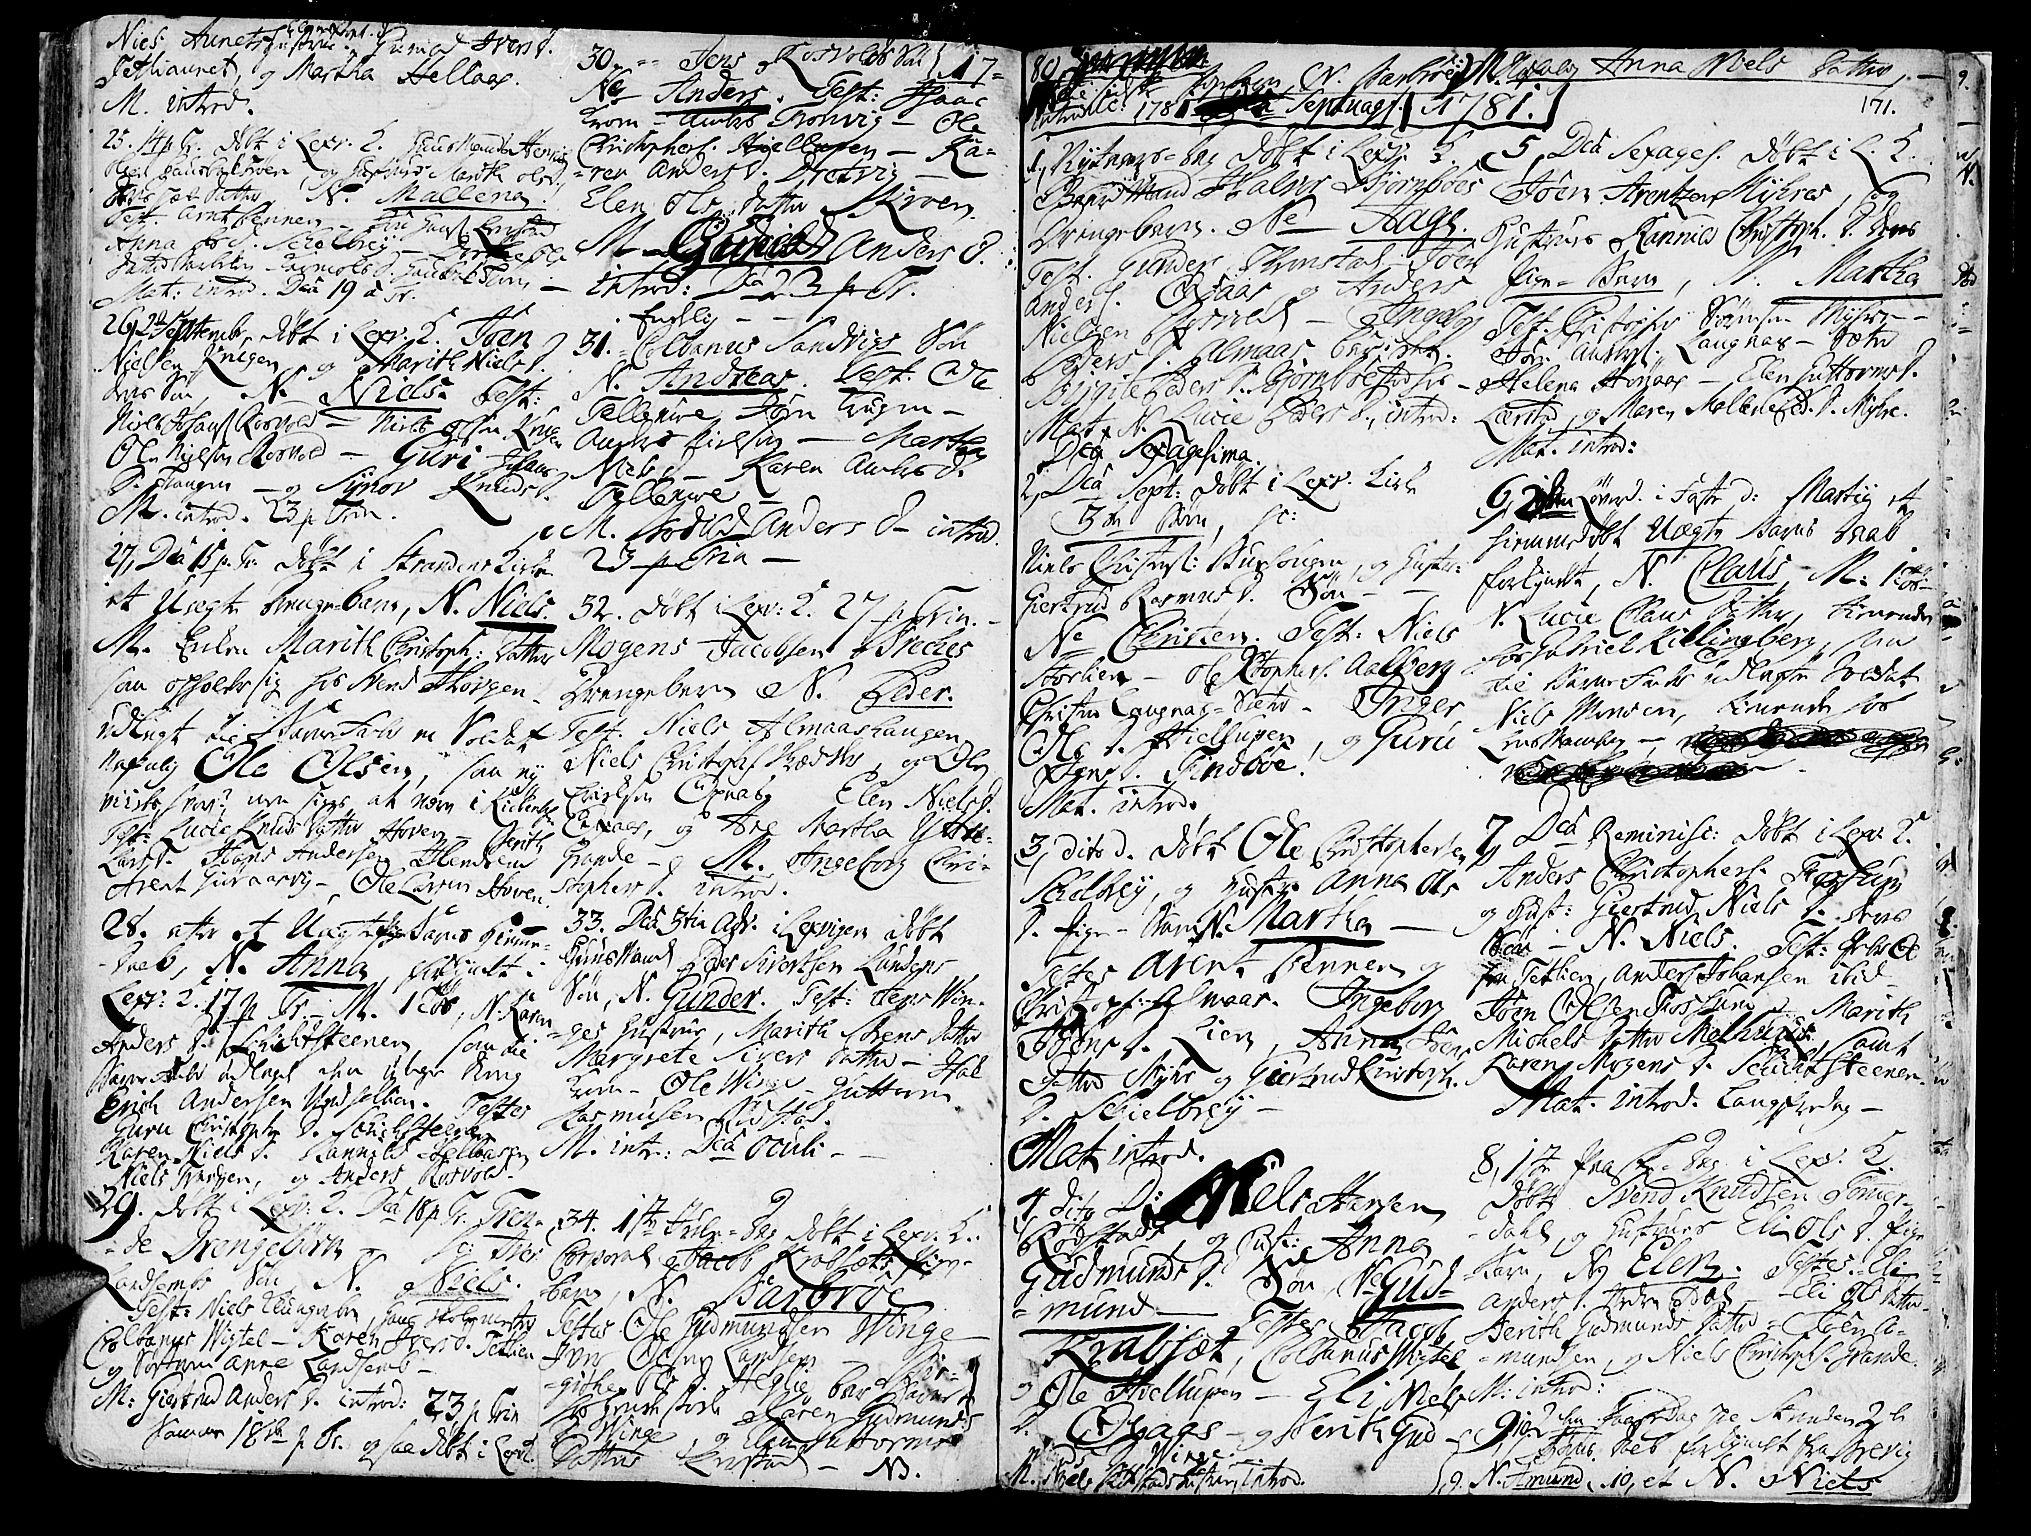 SAT, Ministerialprotokoller, klokkerbøker og fødselsregistre - Nord-Trøndelag, 701/L0003: Ministerialbok nr. 701A03, 1751-1783, s. 171